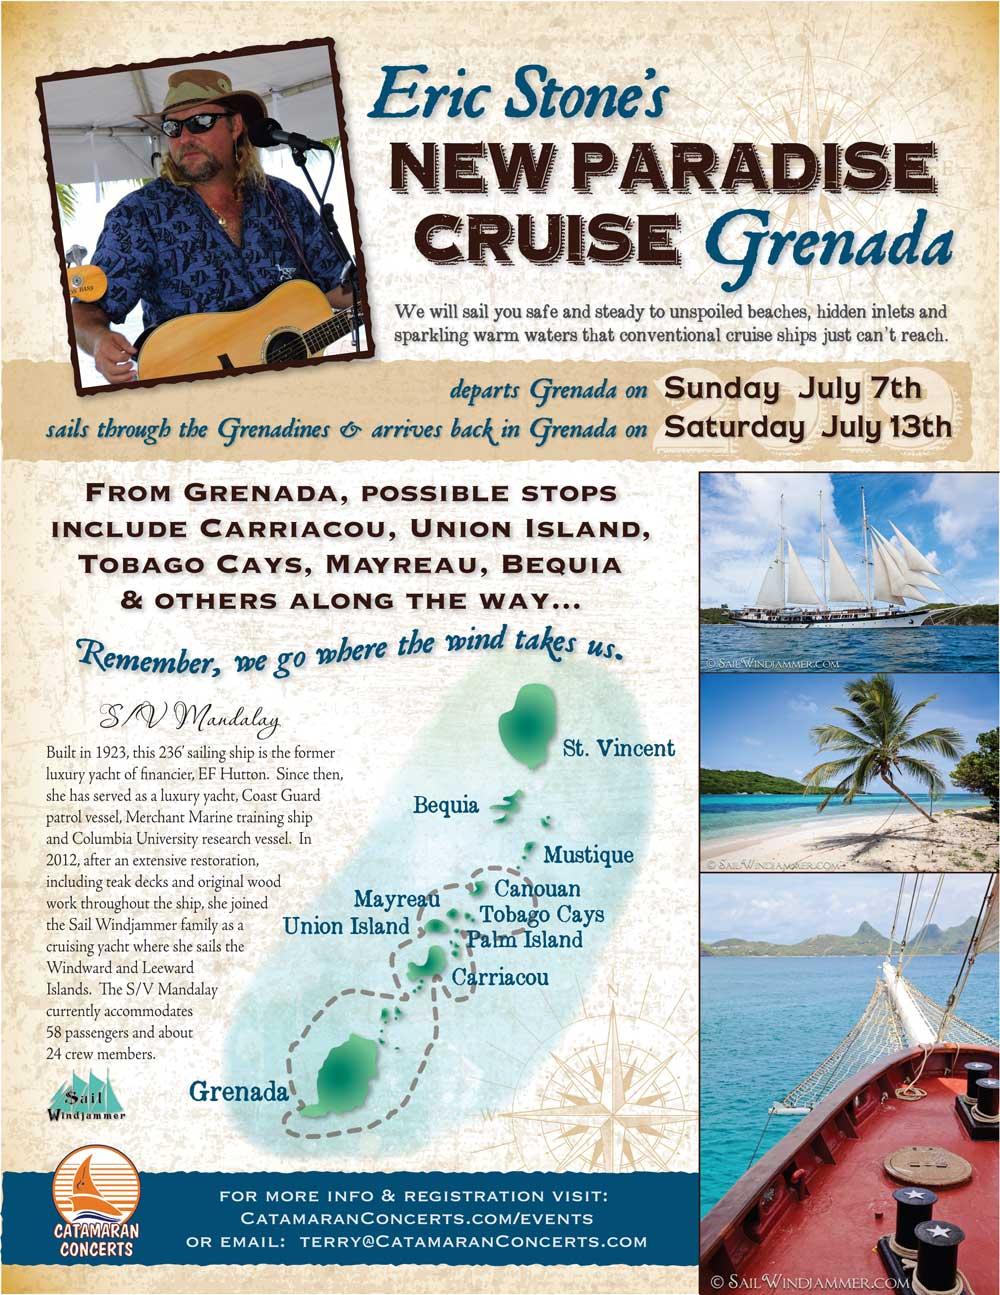 Eric Stone's New Paradise Cruise: Grenada